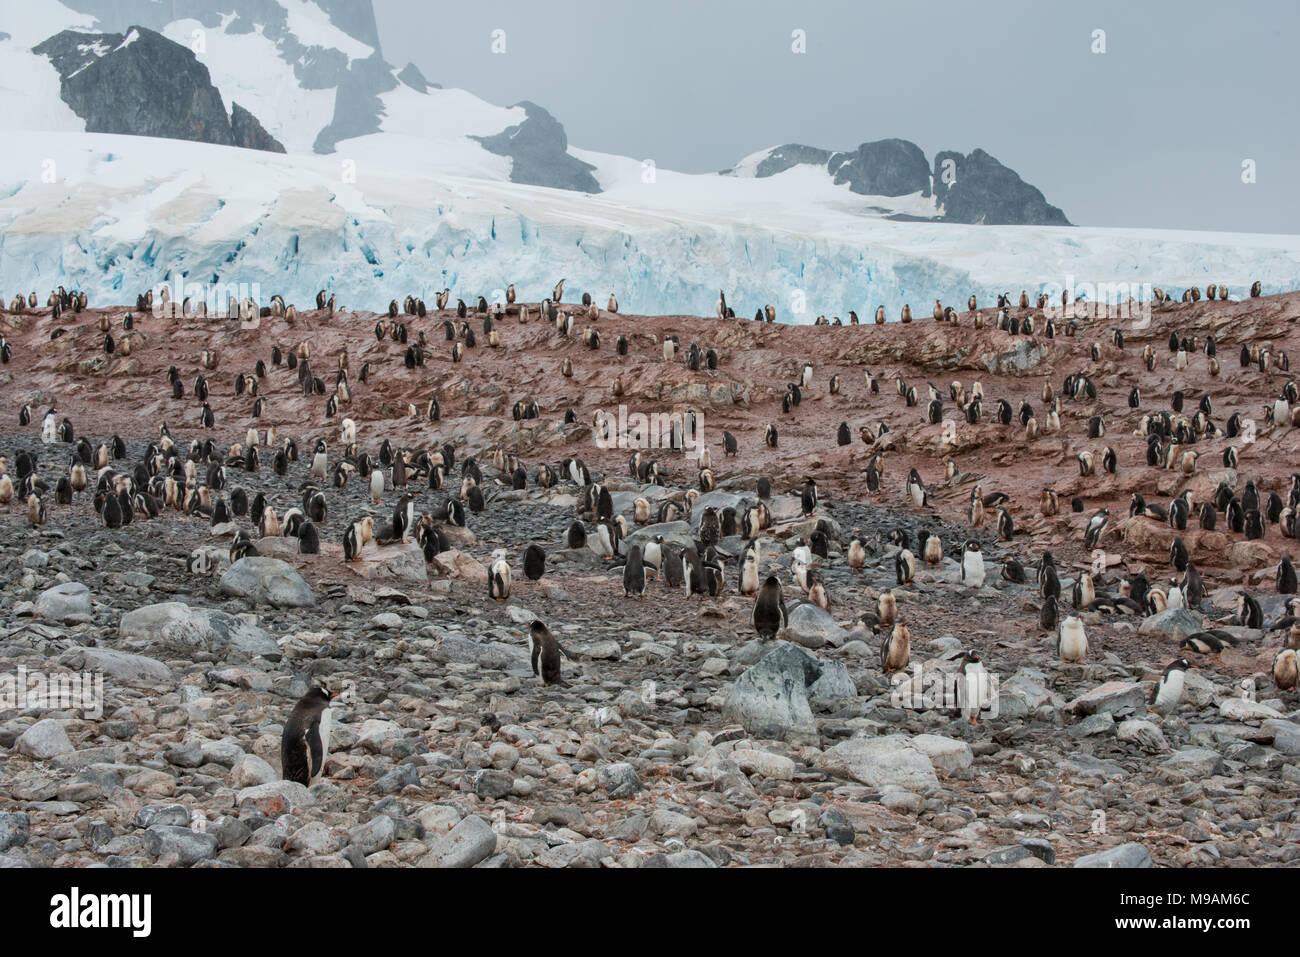 Une colonie de manchots dans l'Antarctique Photo Stock